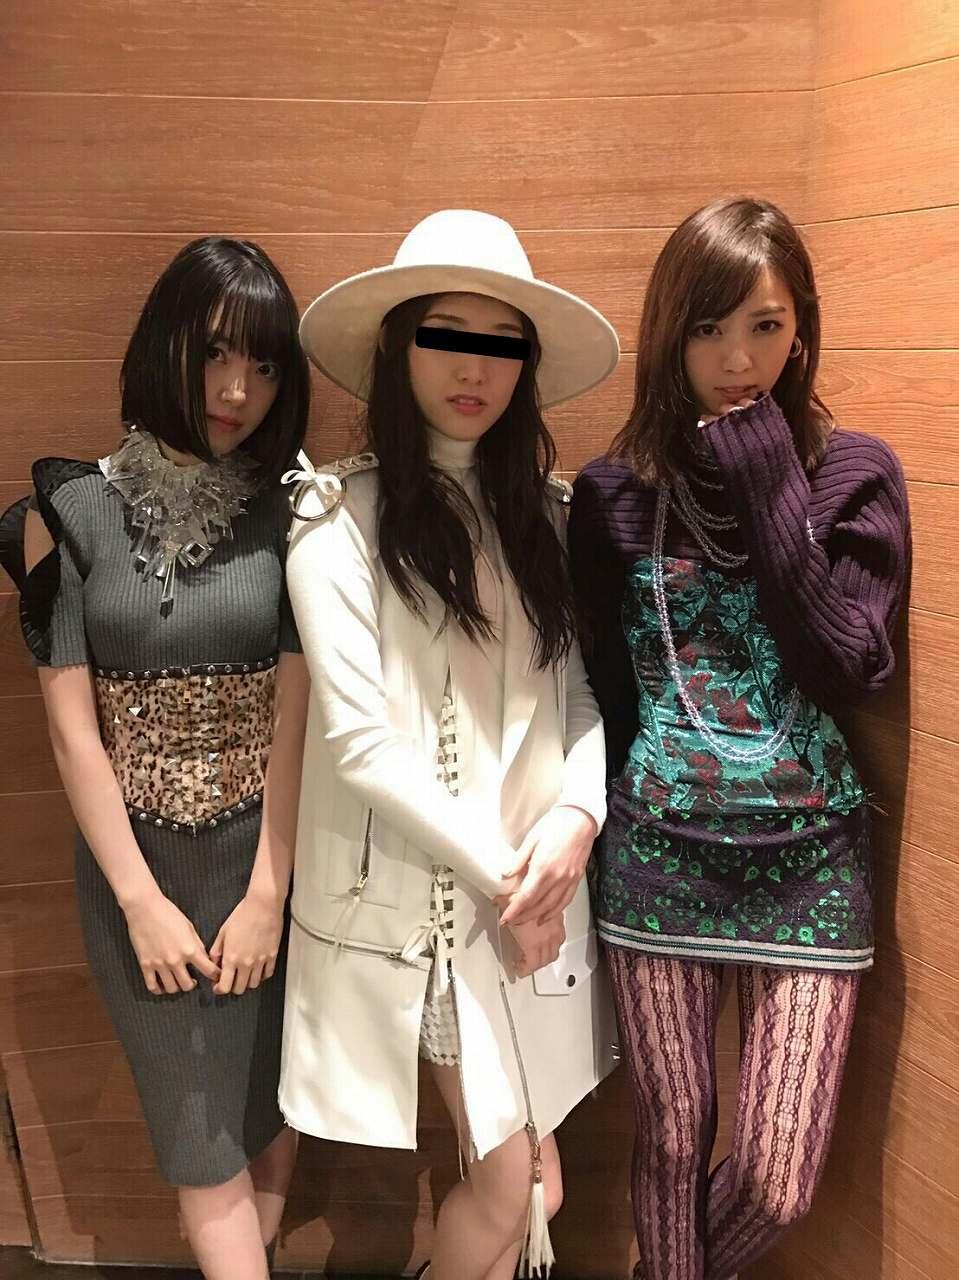 ニットワンピースを着た乃木坂46・堀未央奈の着衣巨乳